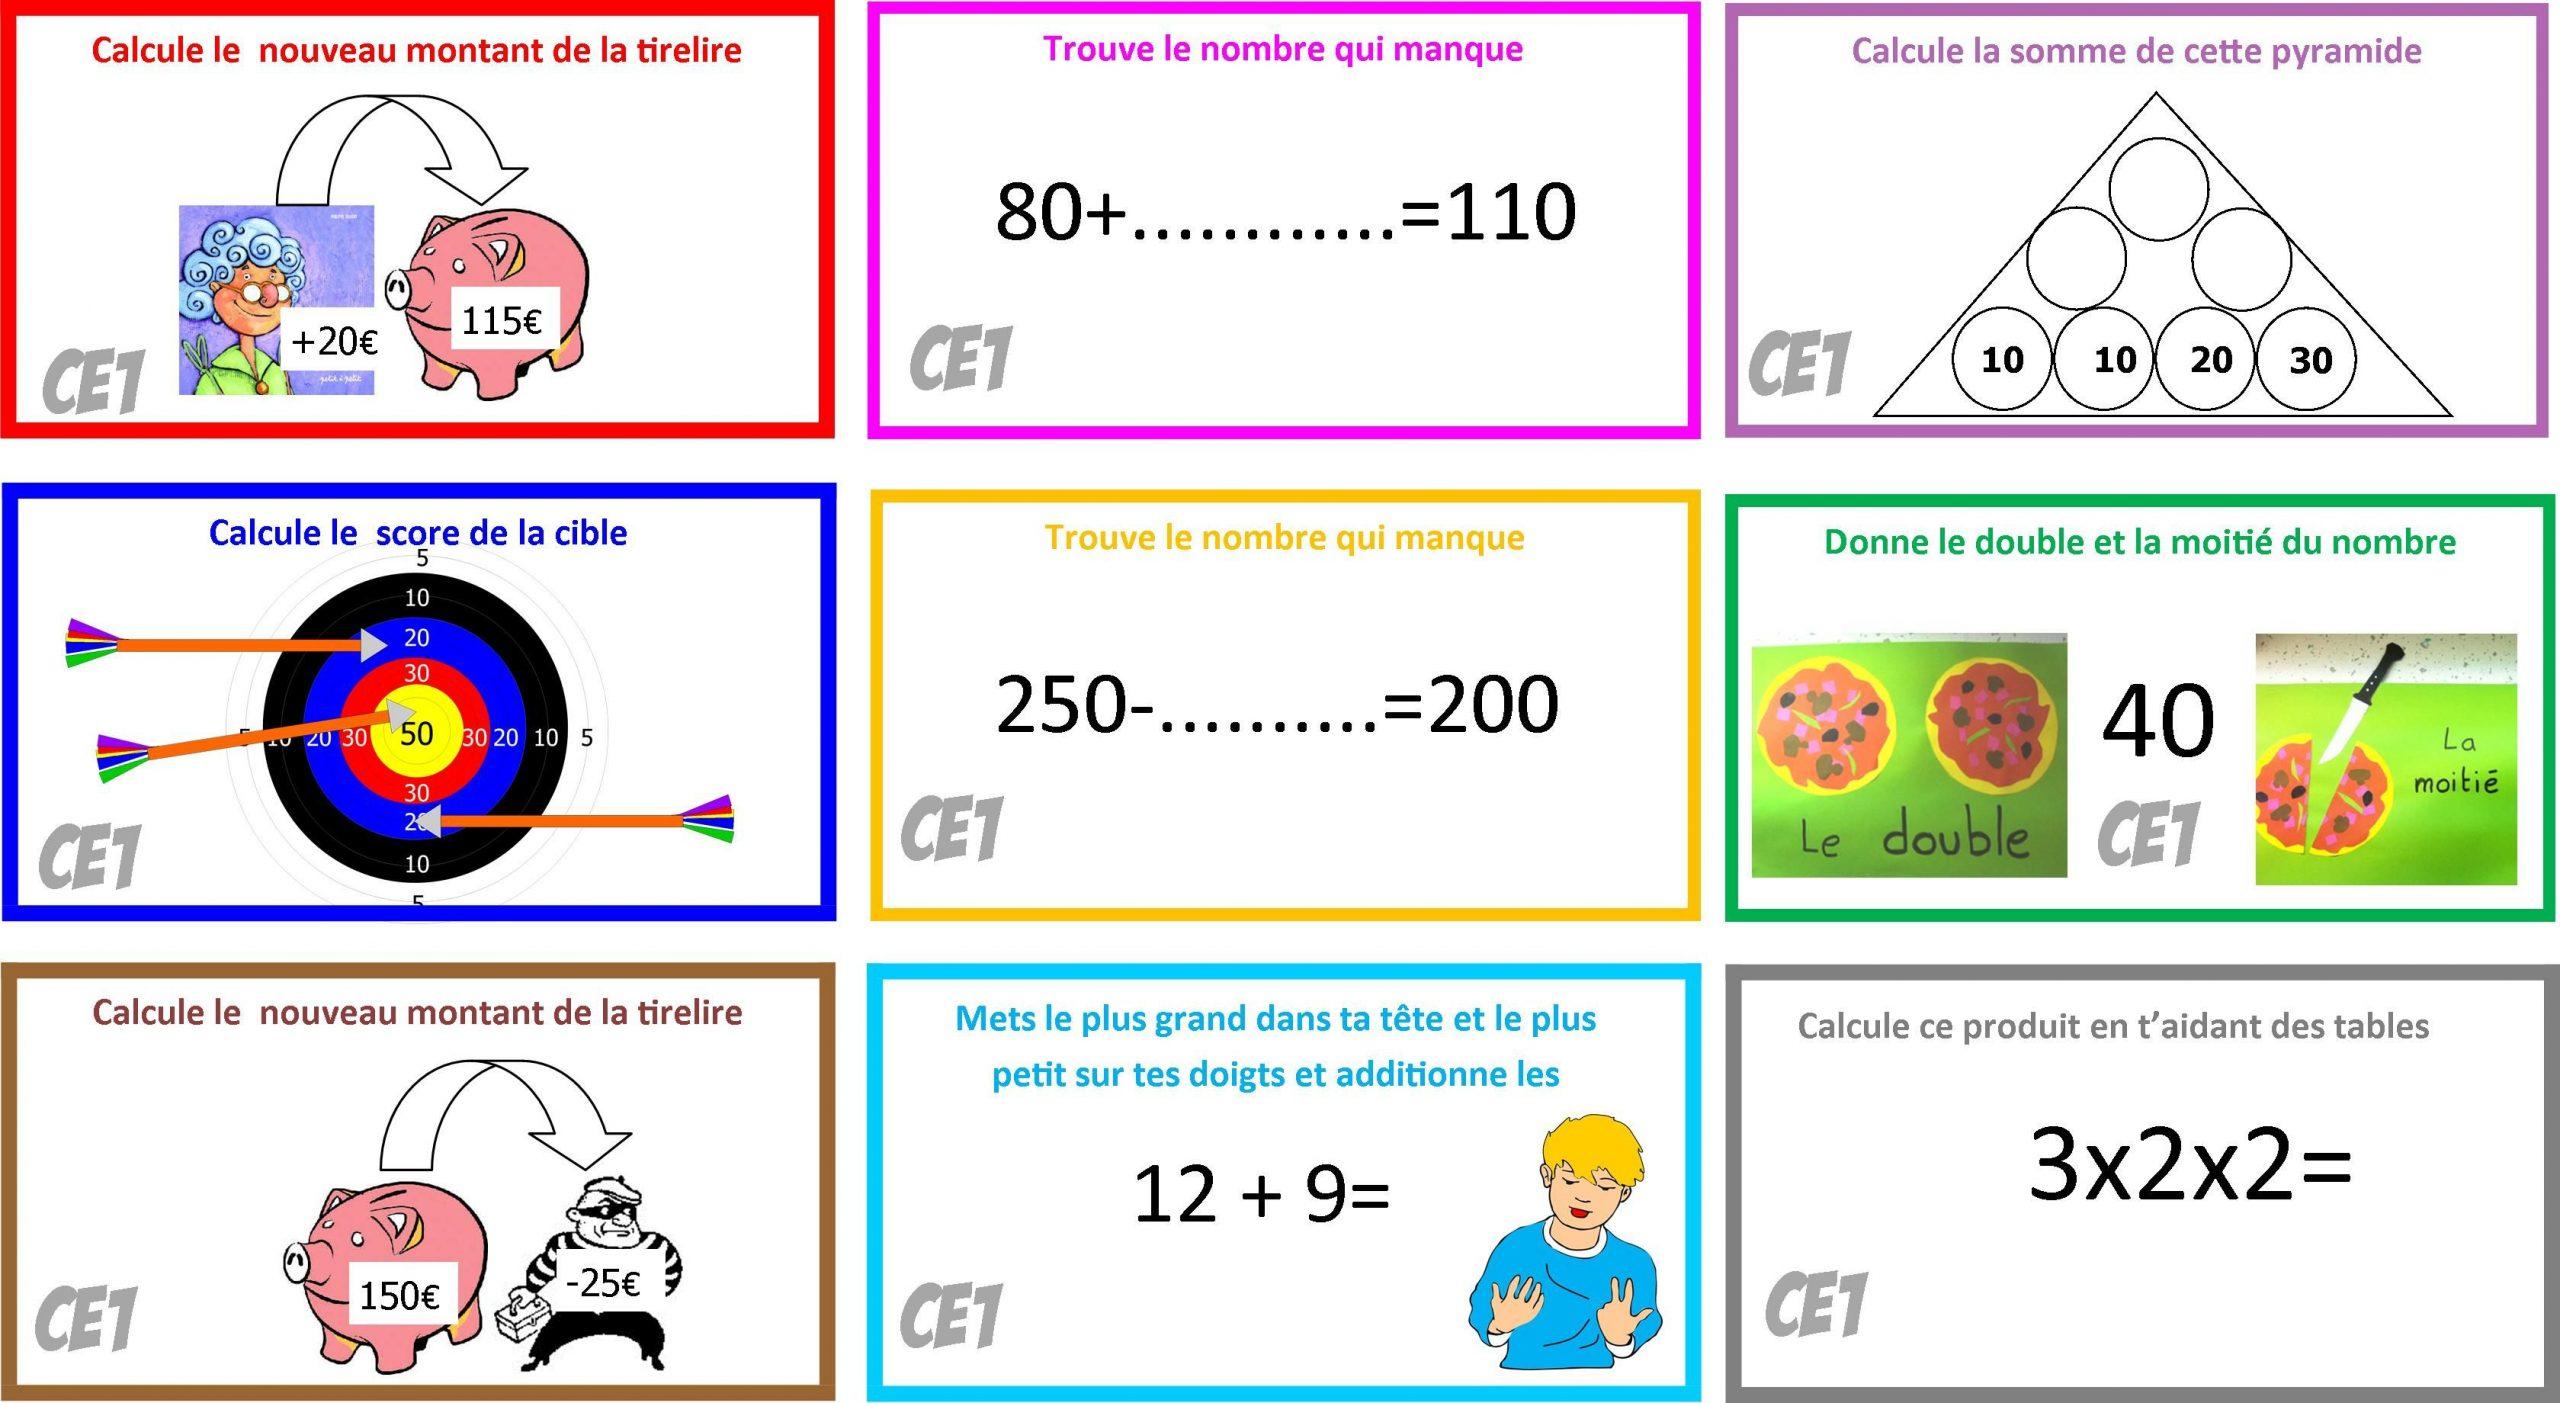 Cartes Himathslaya 2 (Avec Images) | Jeux De Calcul Mental tout Jeux De Maths Facile